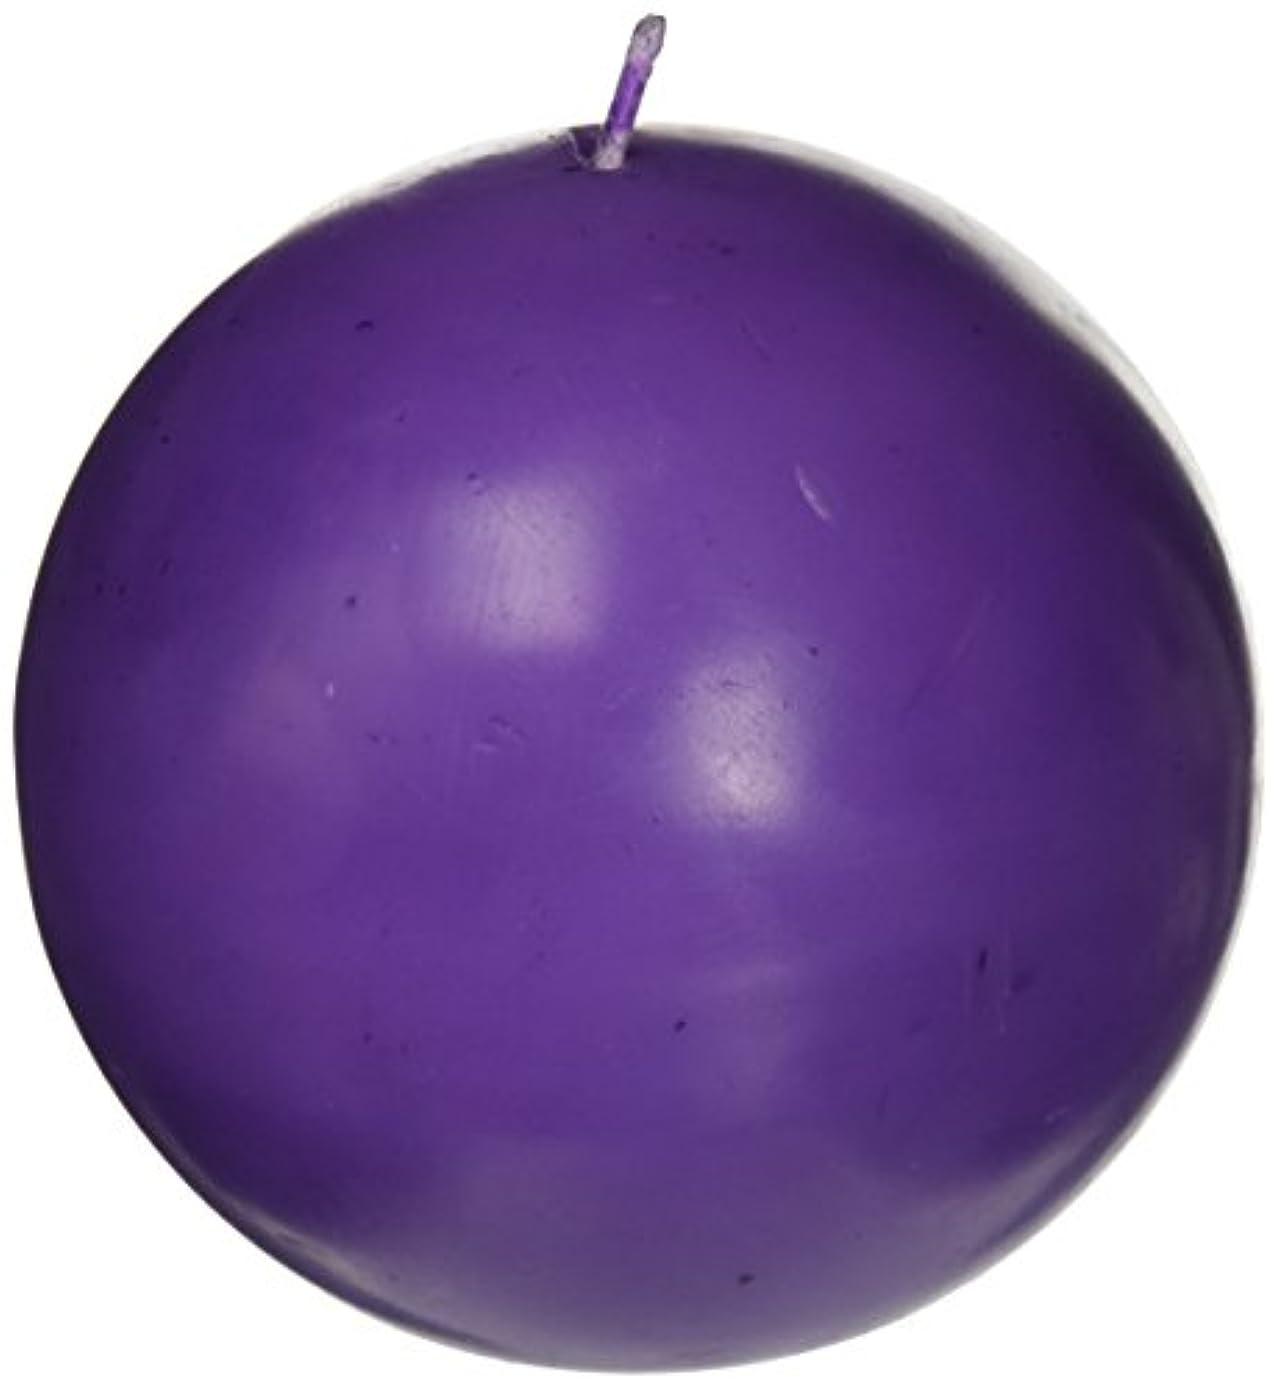 戻る構想する空港Zest Candle CBZ-034 4 in. Purple Ball Candles -2pc-Box